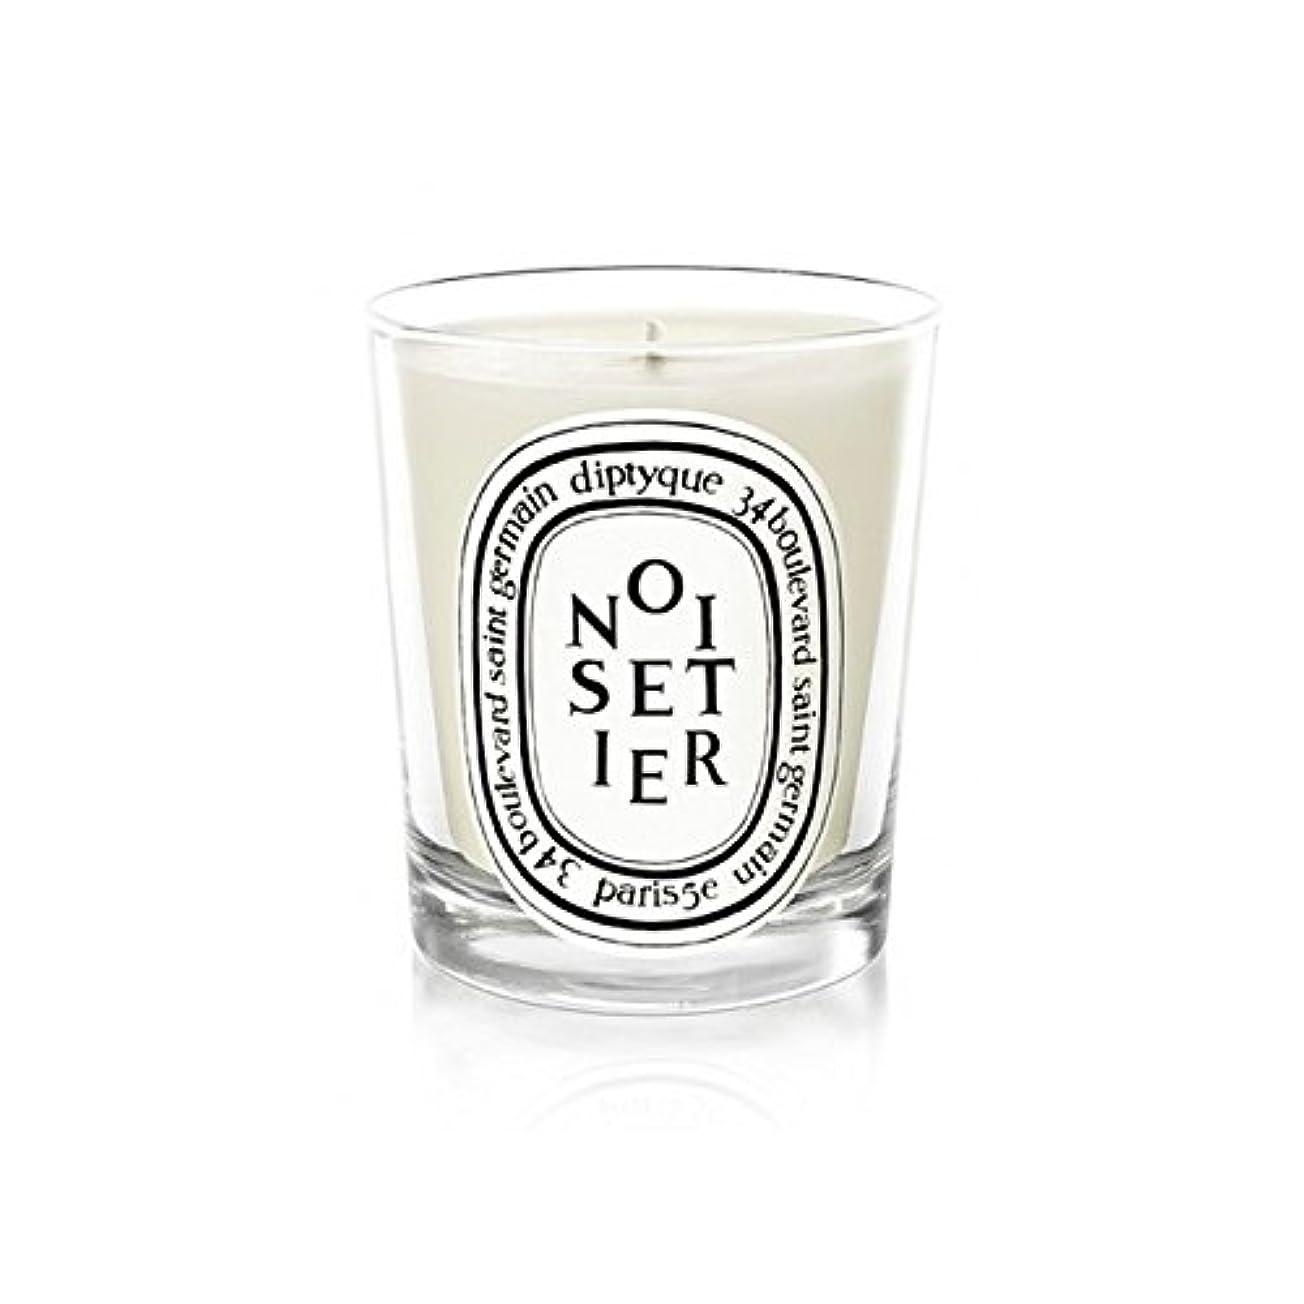 自分著名な愛されし者Diptyque Noisetier Mini Candle 70g (Pack of 2) - Diptyque Noisetierミニキャンドル70グラム (x2) [並行輸入品]